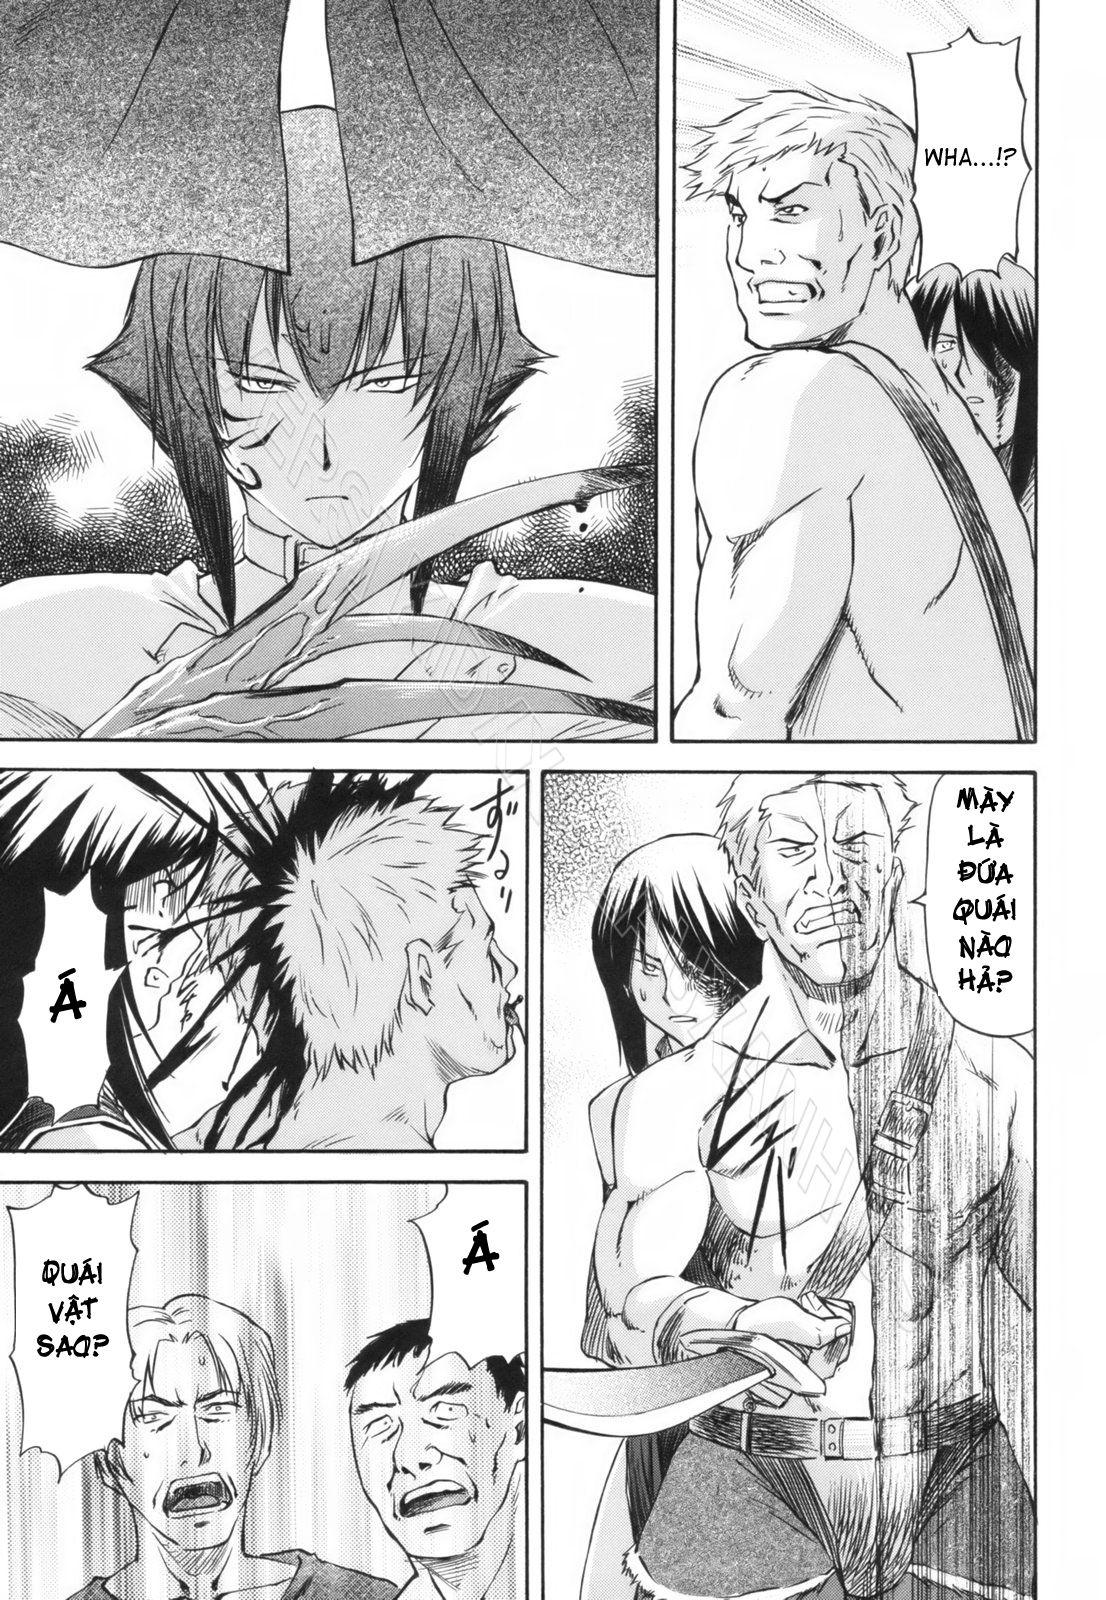 Hình ảnh Hinh_016 in Truyện tranh hentai không che: Parabellum